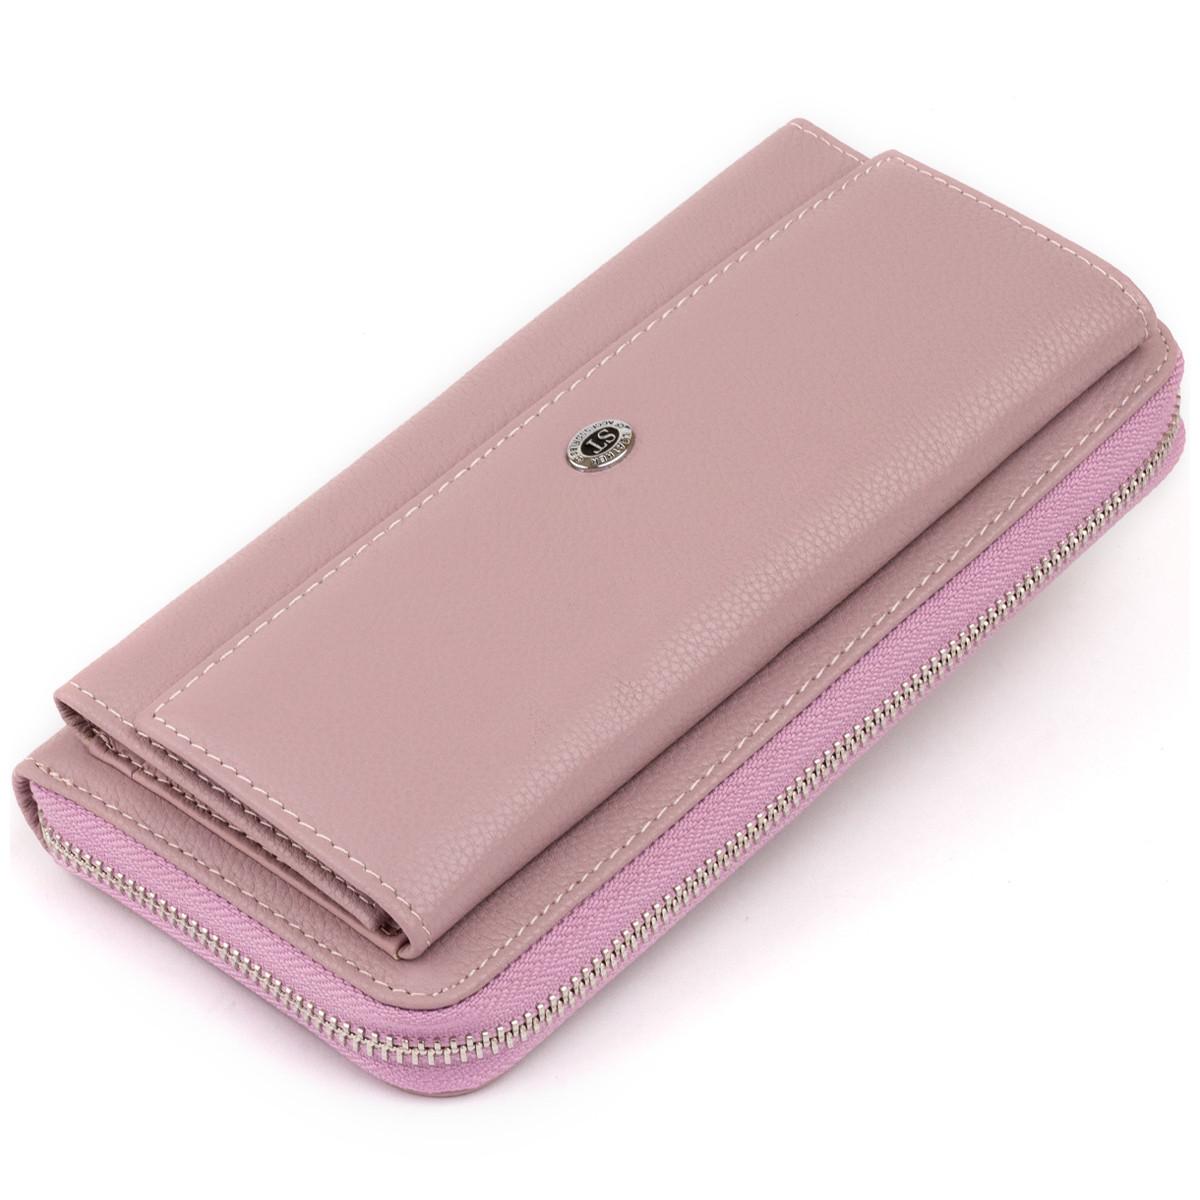 Шкіряний жіночий гаманець ST Leather 19295 Ліловий